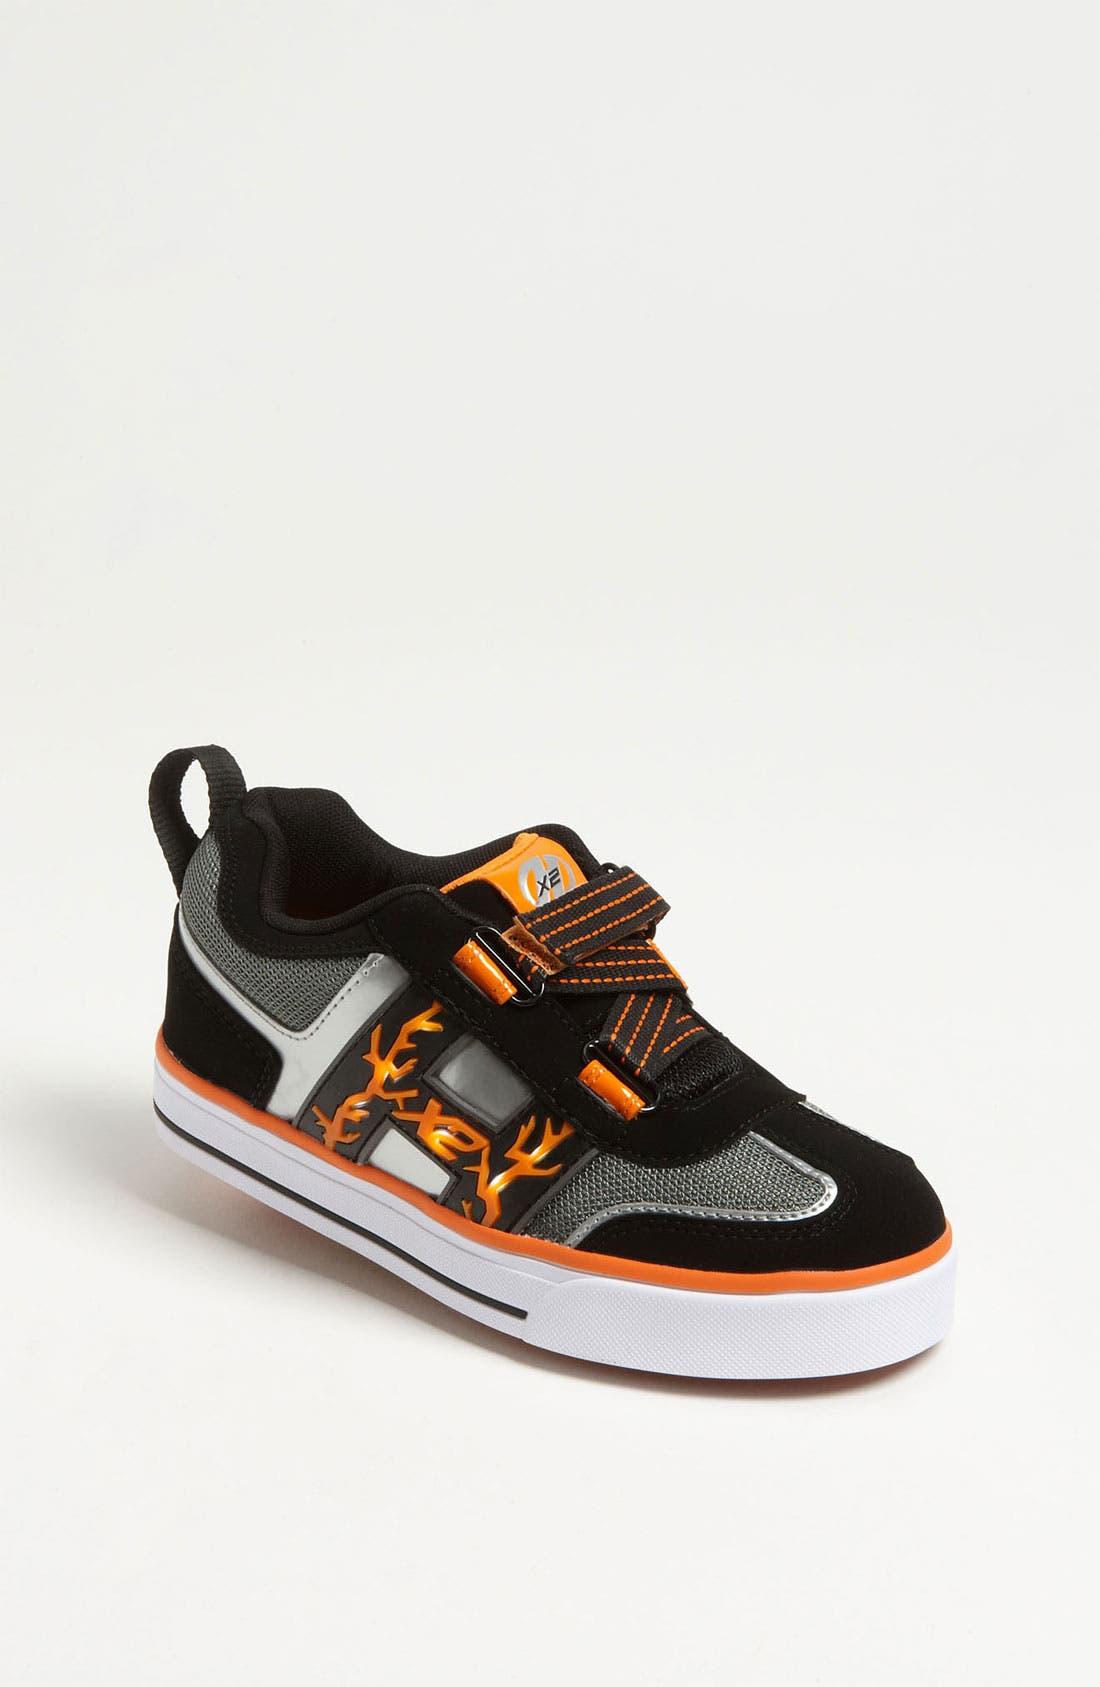 Main Image - Heelys 'Bolt' Light-Up Skate Shoe (Toddler & Little Kid)